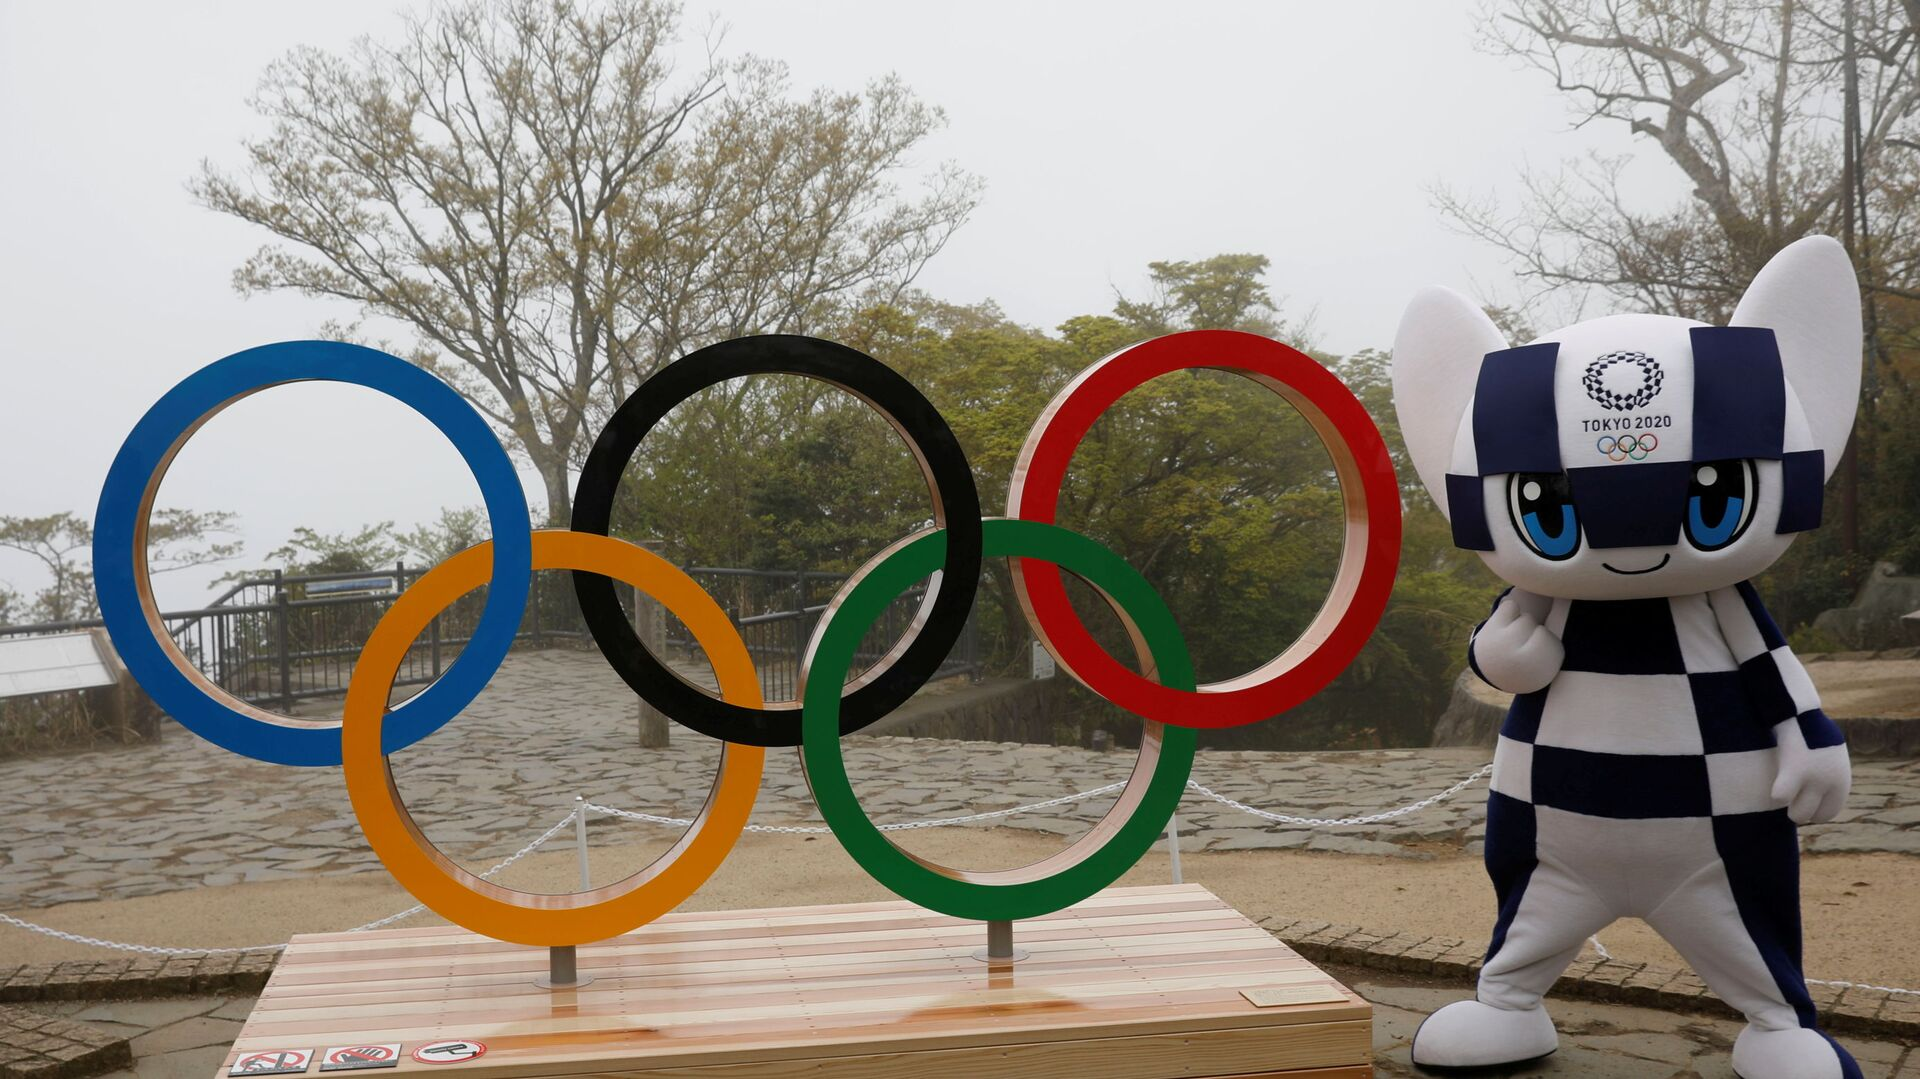 Талисман Олимпийских игр 2020 года в Токио Мираитова позирует с изображением олимпийского символа после церемонии открытия на горе Такао - Sputnik Беларусь, 1920, 14.04.2021